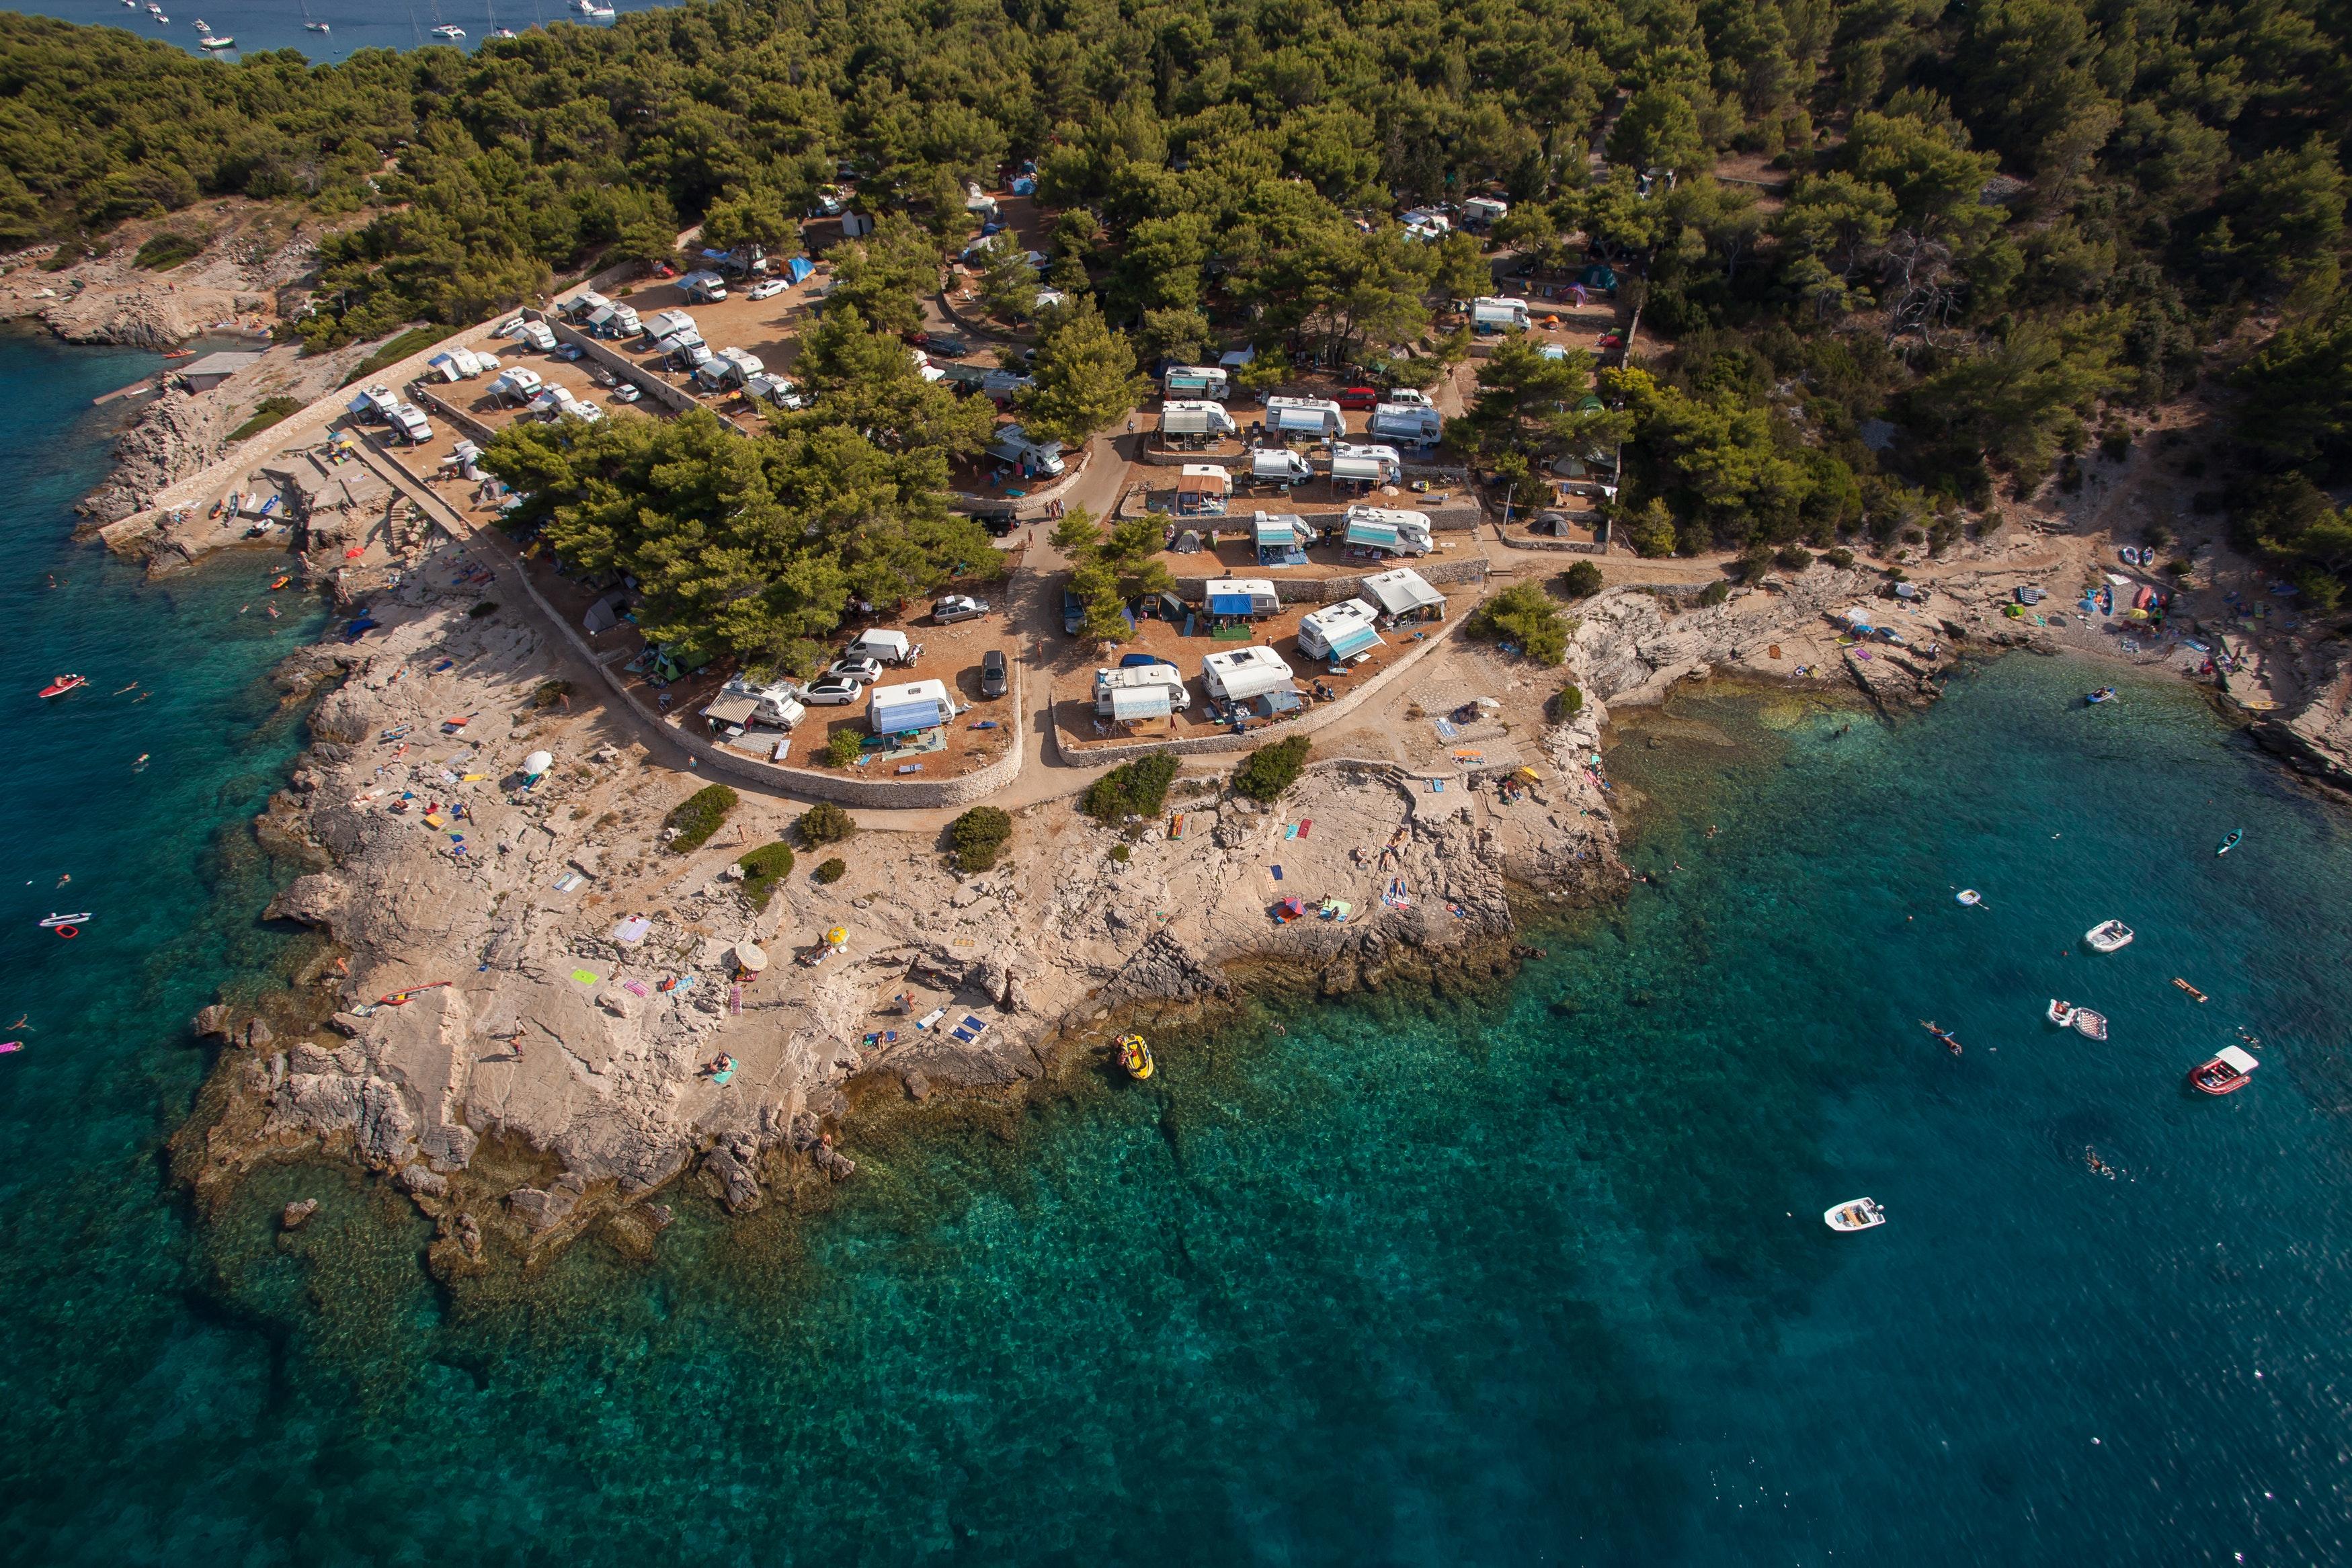 italienische fkk camps